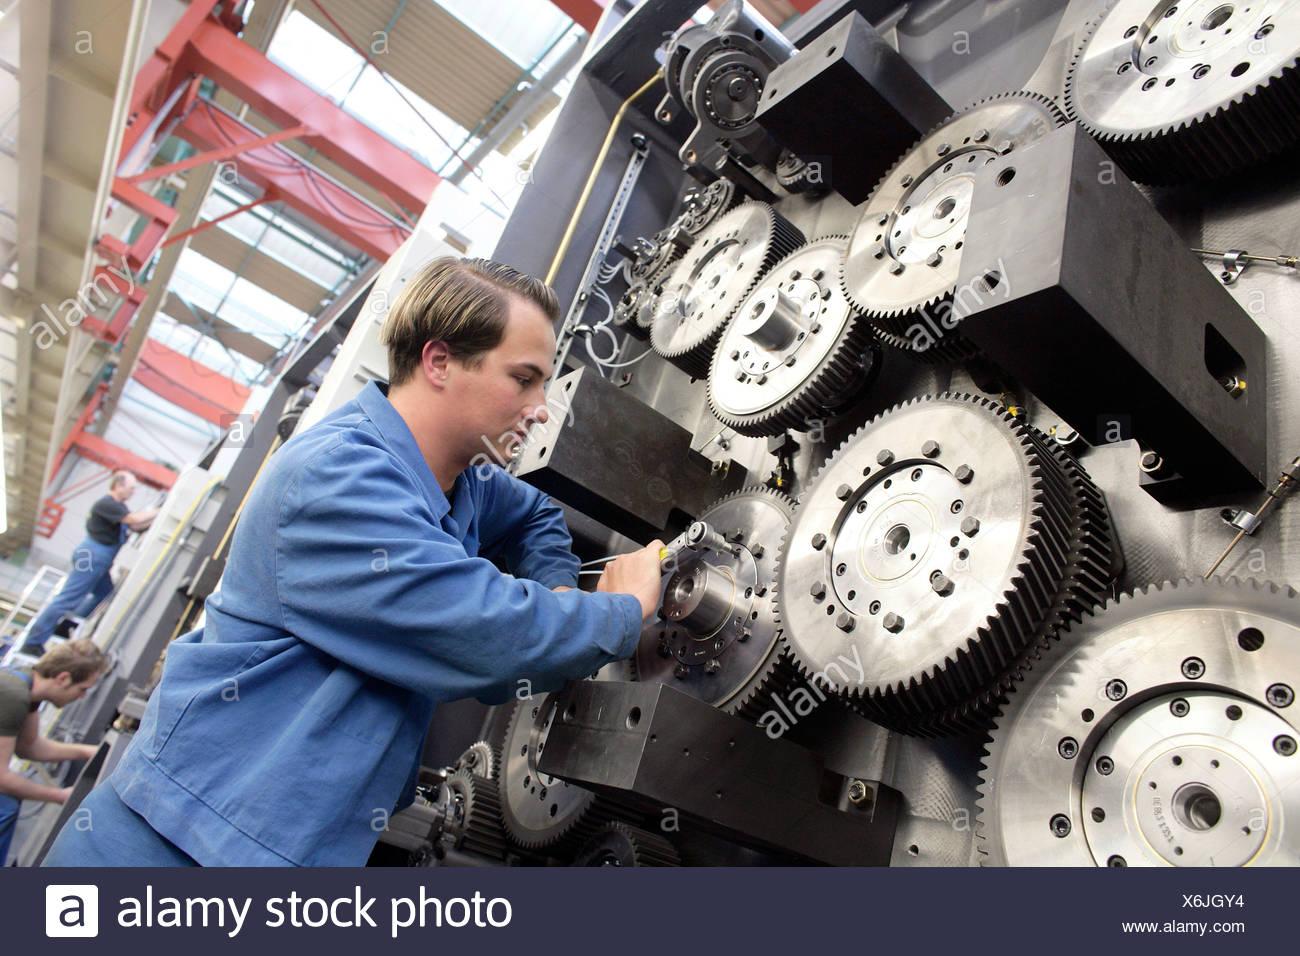 Serrant la main de pignons d'un vérin d'une impression offset du tambour de la machine d'impression, de la fabrication, de la production l'homme Rolan Photo Stock